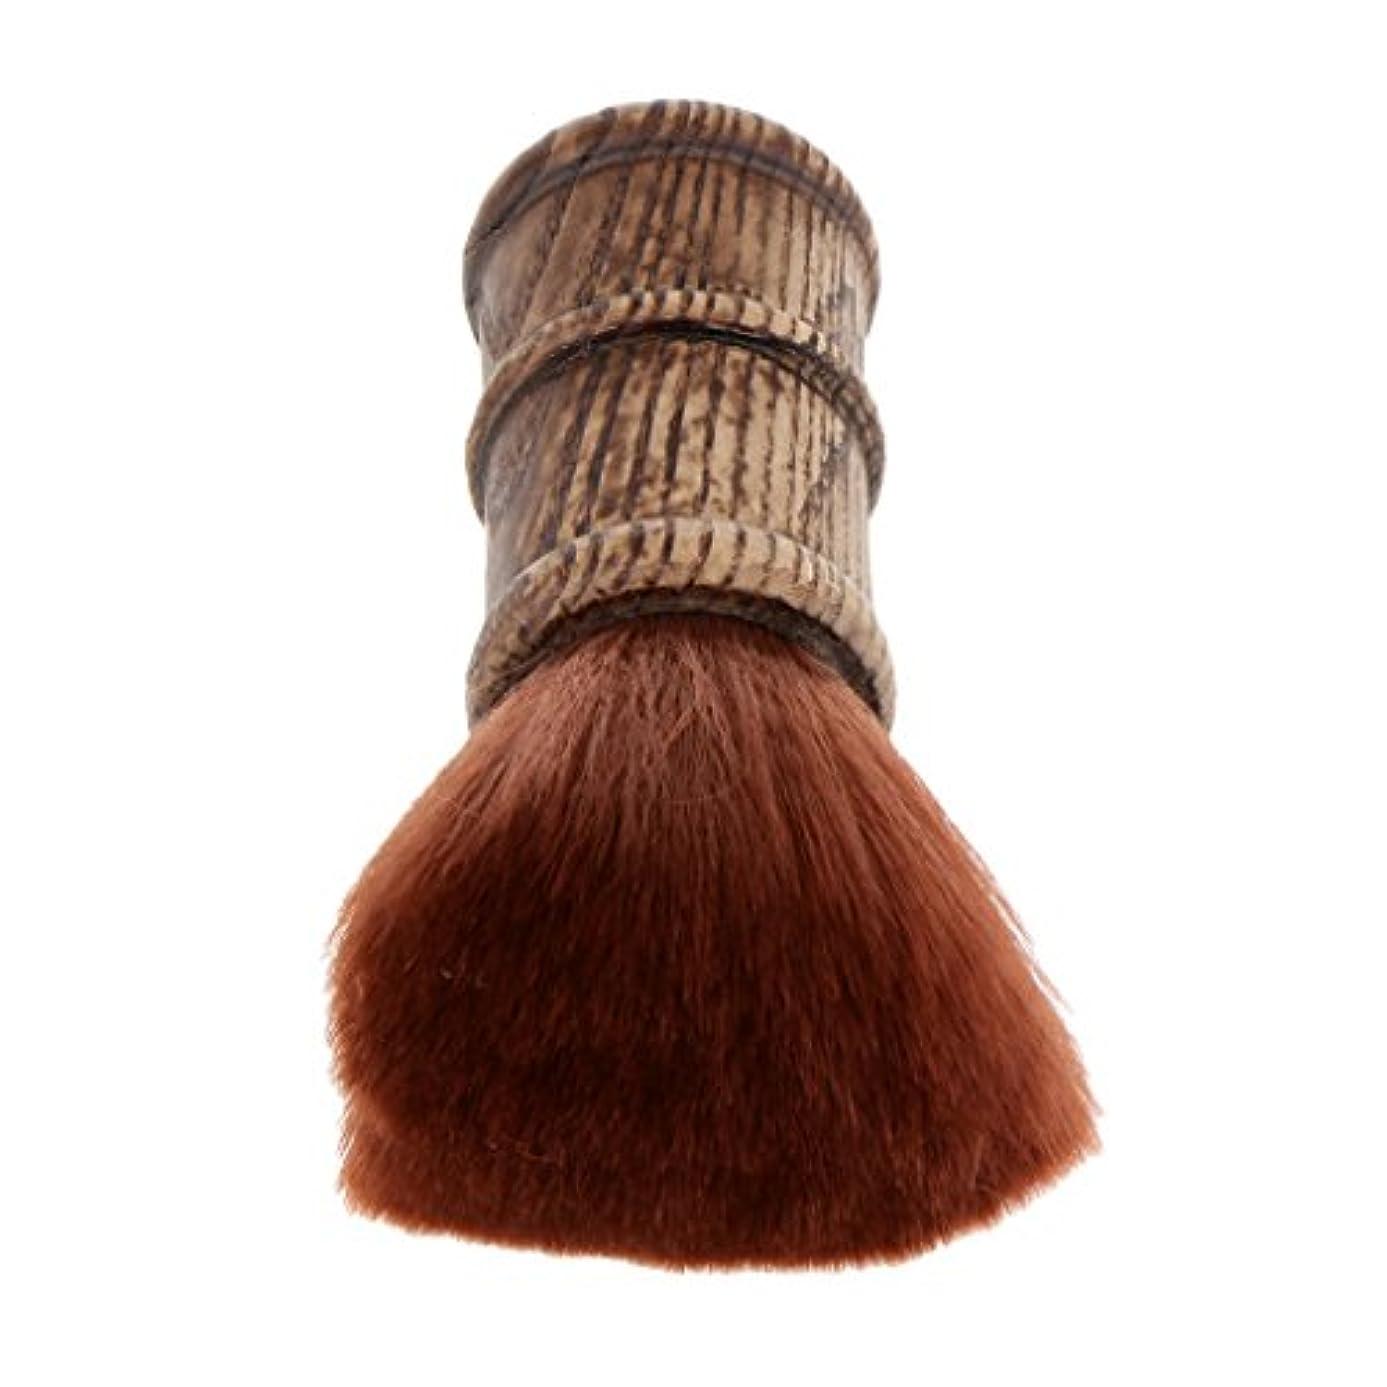 パースピーク郵便ネックダスターブラシ ヘアカットブラシ ブラシ プロ サロン 柔らかい 自宅用 ヘアスタイリスト ヘアカット 散髪 理髪師 2色選べる - 褐色